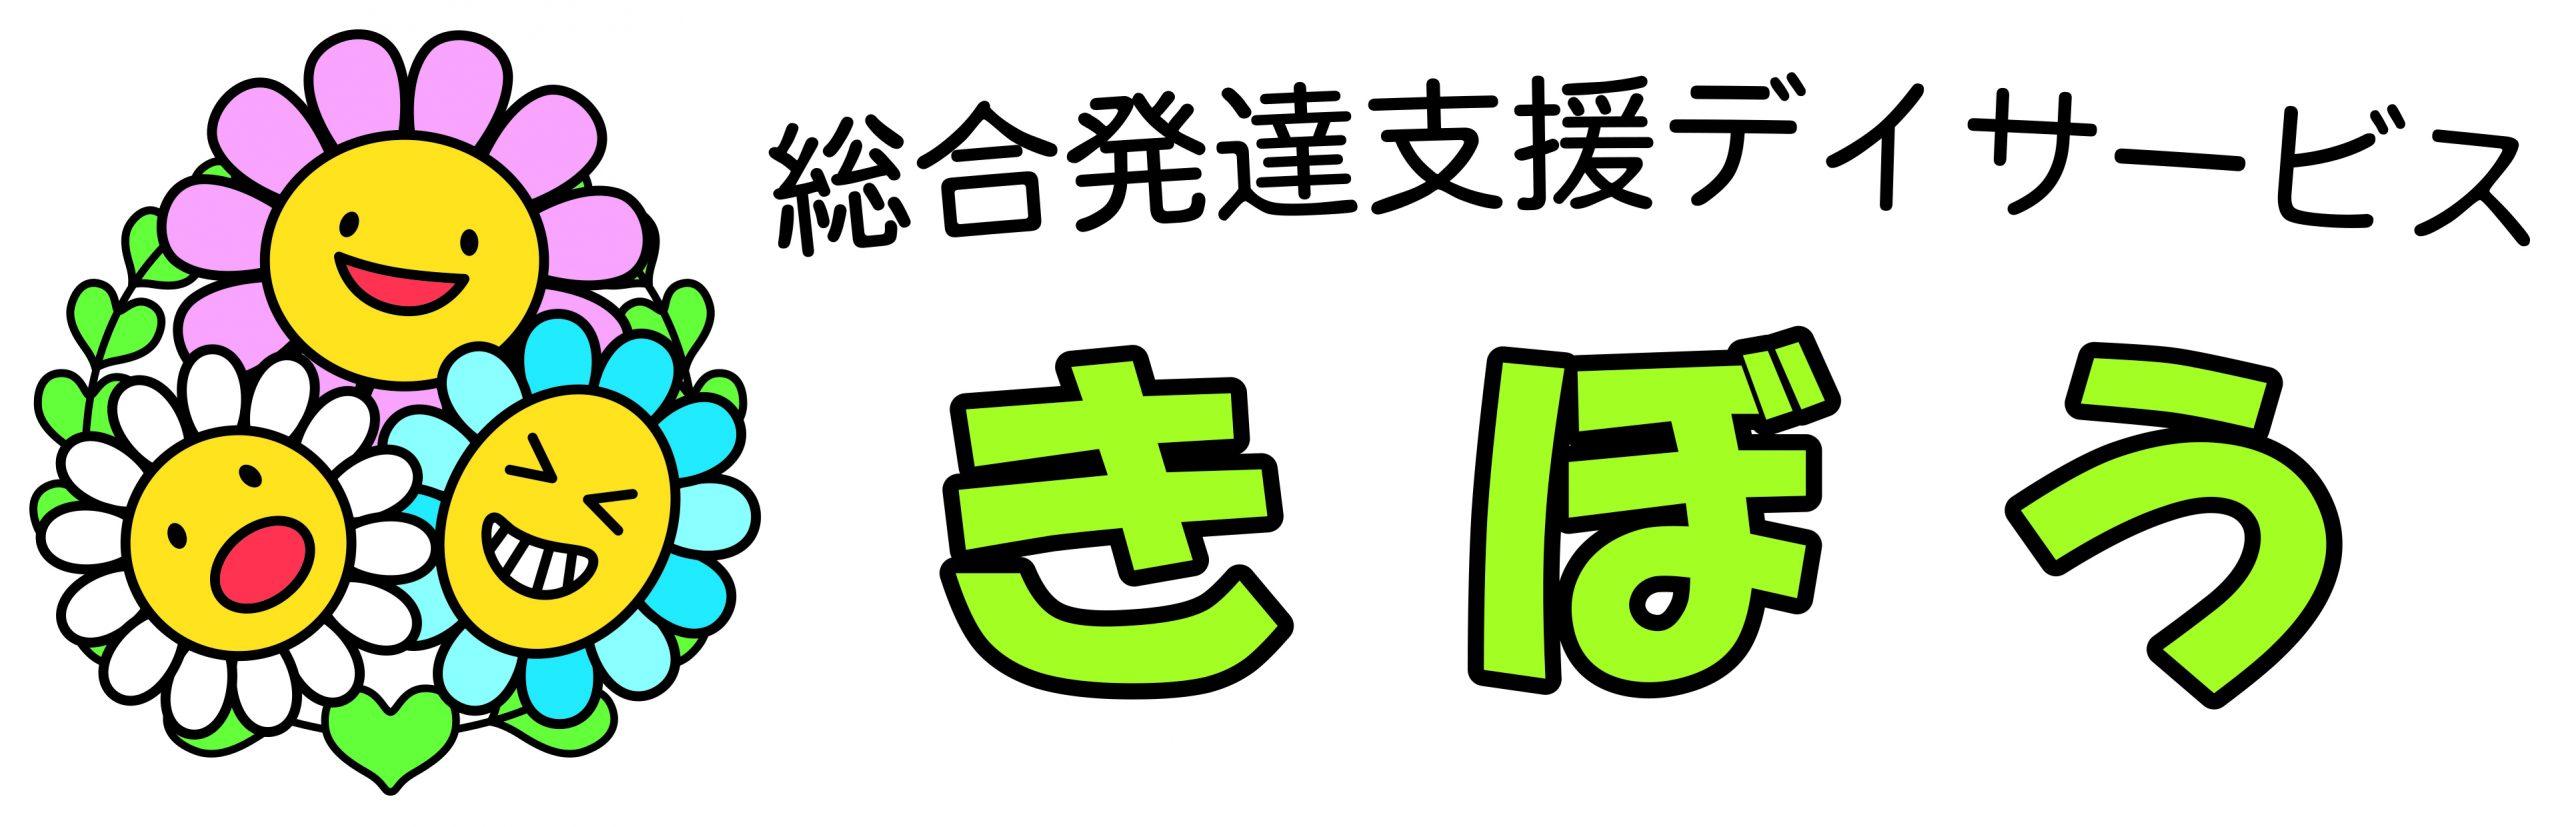 総合発達支援デイサービスきぼう(本体)